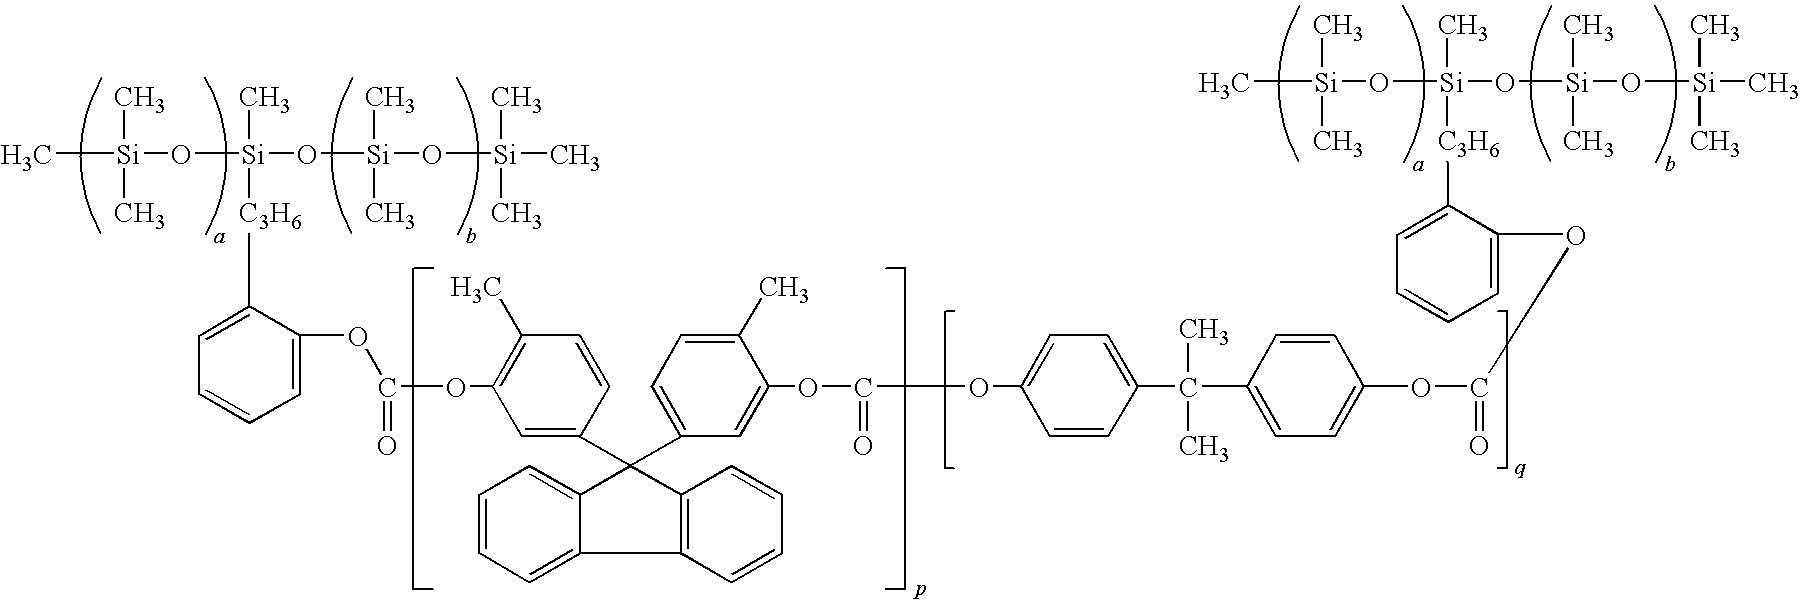 Figure US07943278-20110517-C00005